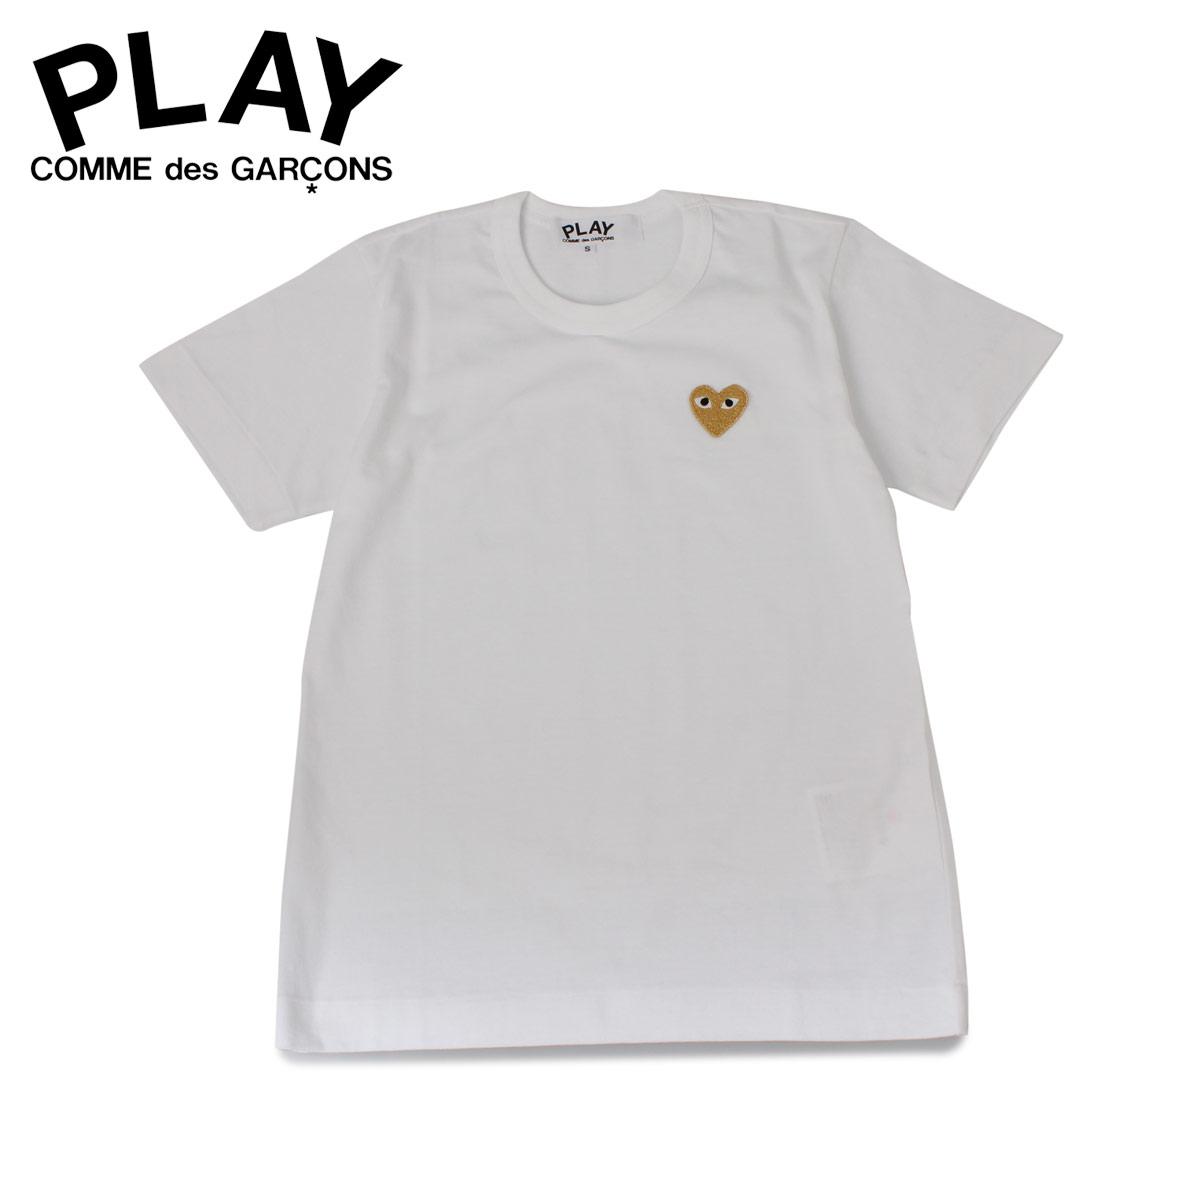 【最大2000円OFFクーポン】 プレイ コムデギャルソン PLAY COMME des GARCONS Tシャツ 半袖 レディース BASIC LOGO TEE ホワイト 白 T2150514 [予約商品 12/6頃入荷予定 新入荷]